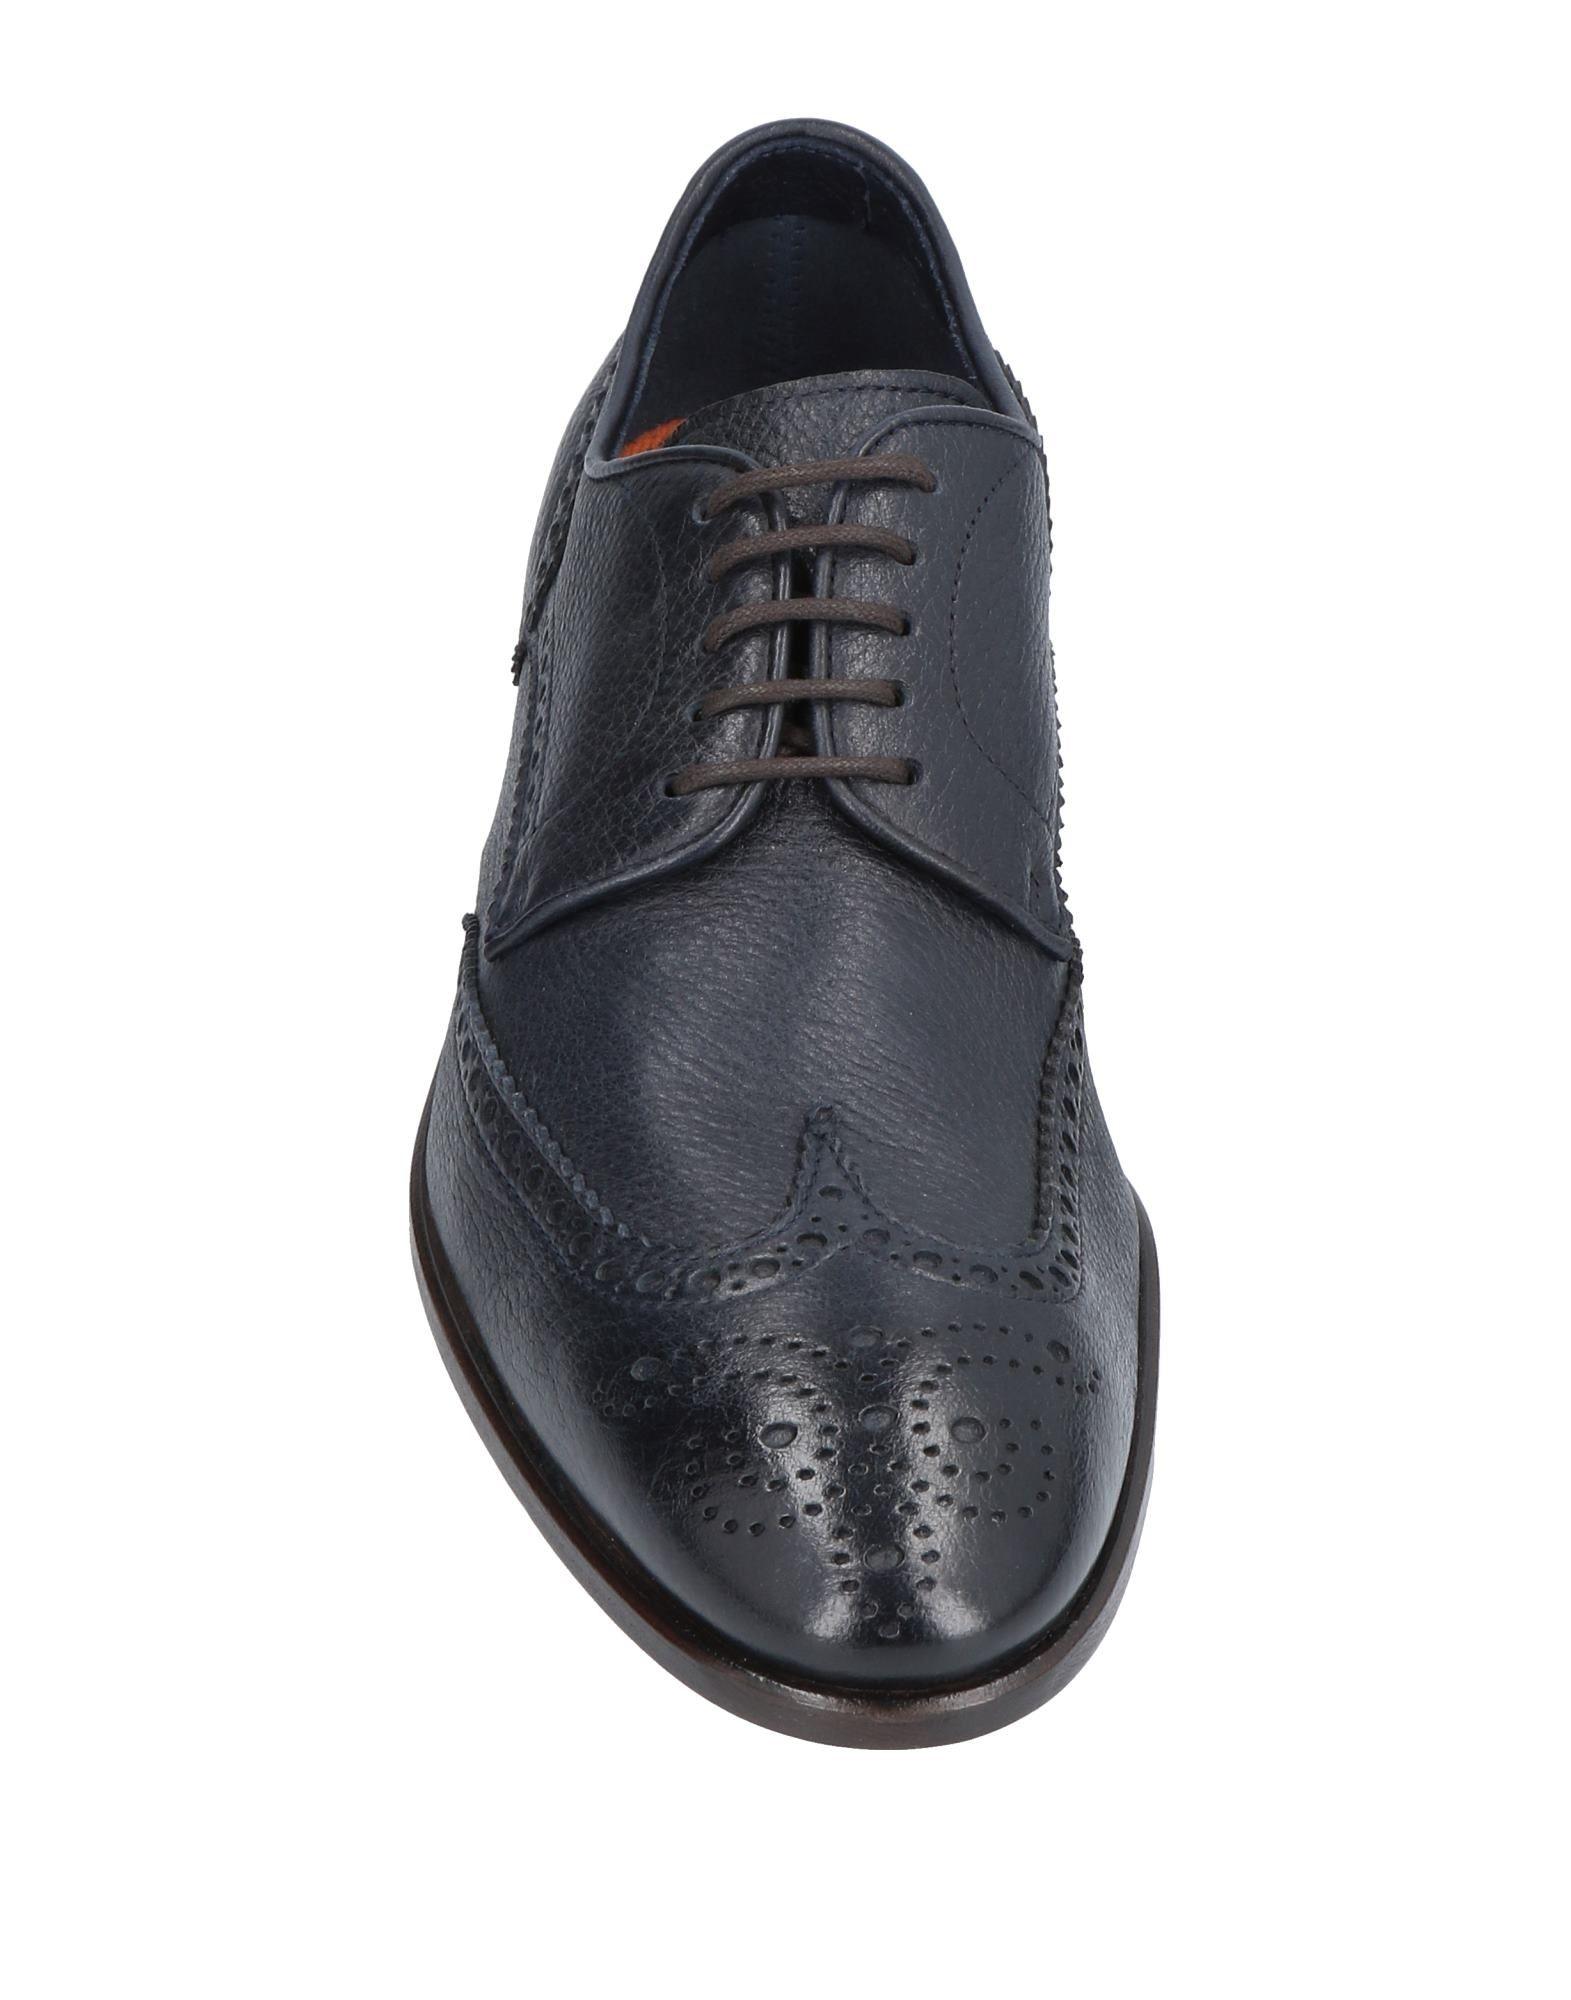 Henderson Gute Schnürschuhe Herren  11499069WJ Gute Henderson Qualität beliebte Schuhe 2caf21